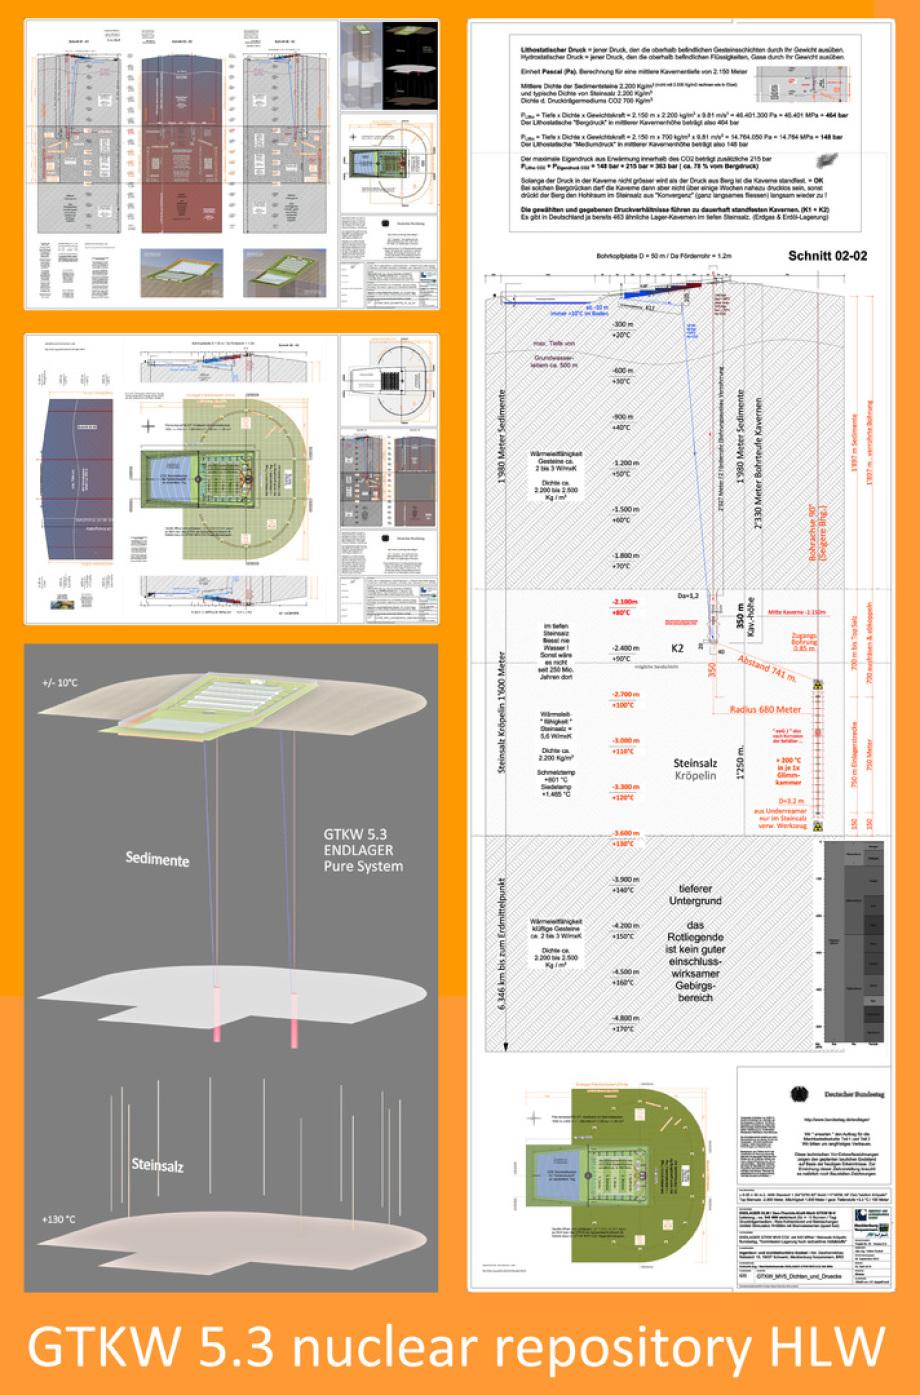 Endlager Atommüll Kollage Plakat GTKW 5.3 Endlager suedlich Kröpelin M-V BRD